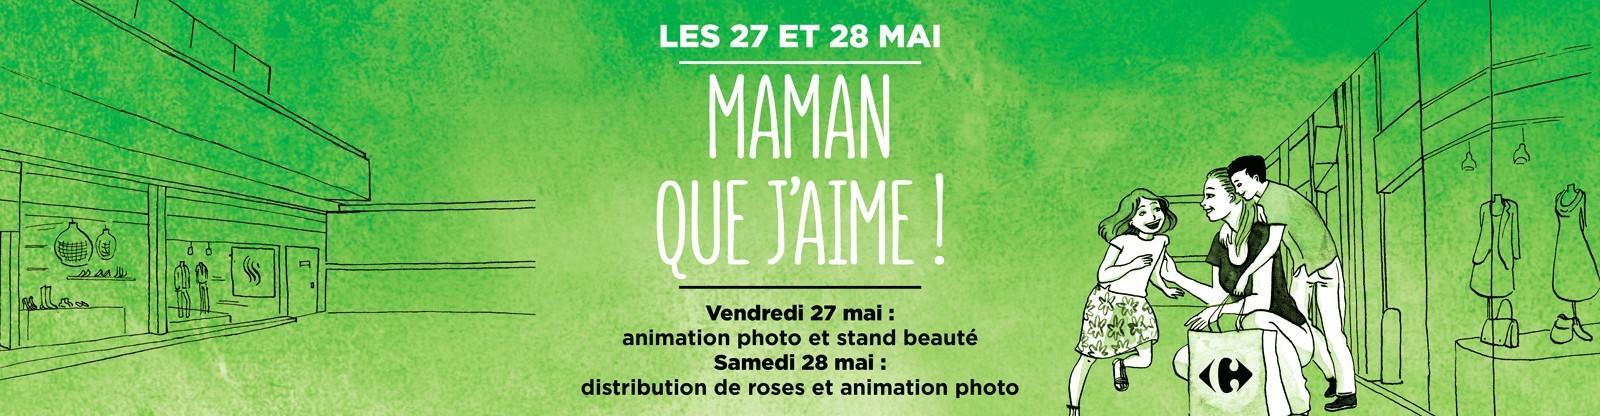 SITE_WEB-1600x416px_FETE-DES-MERES_Rennes